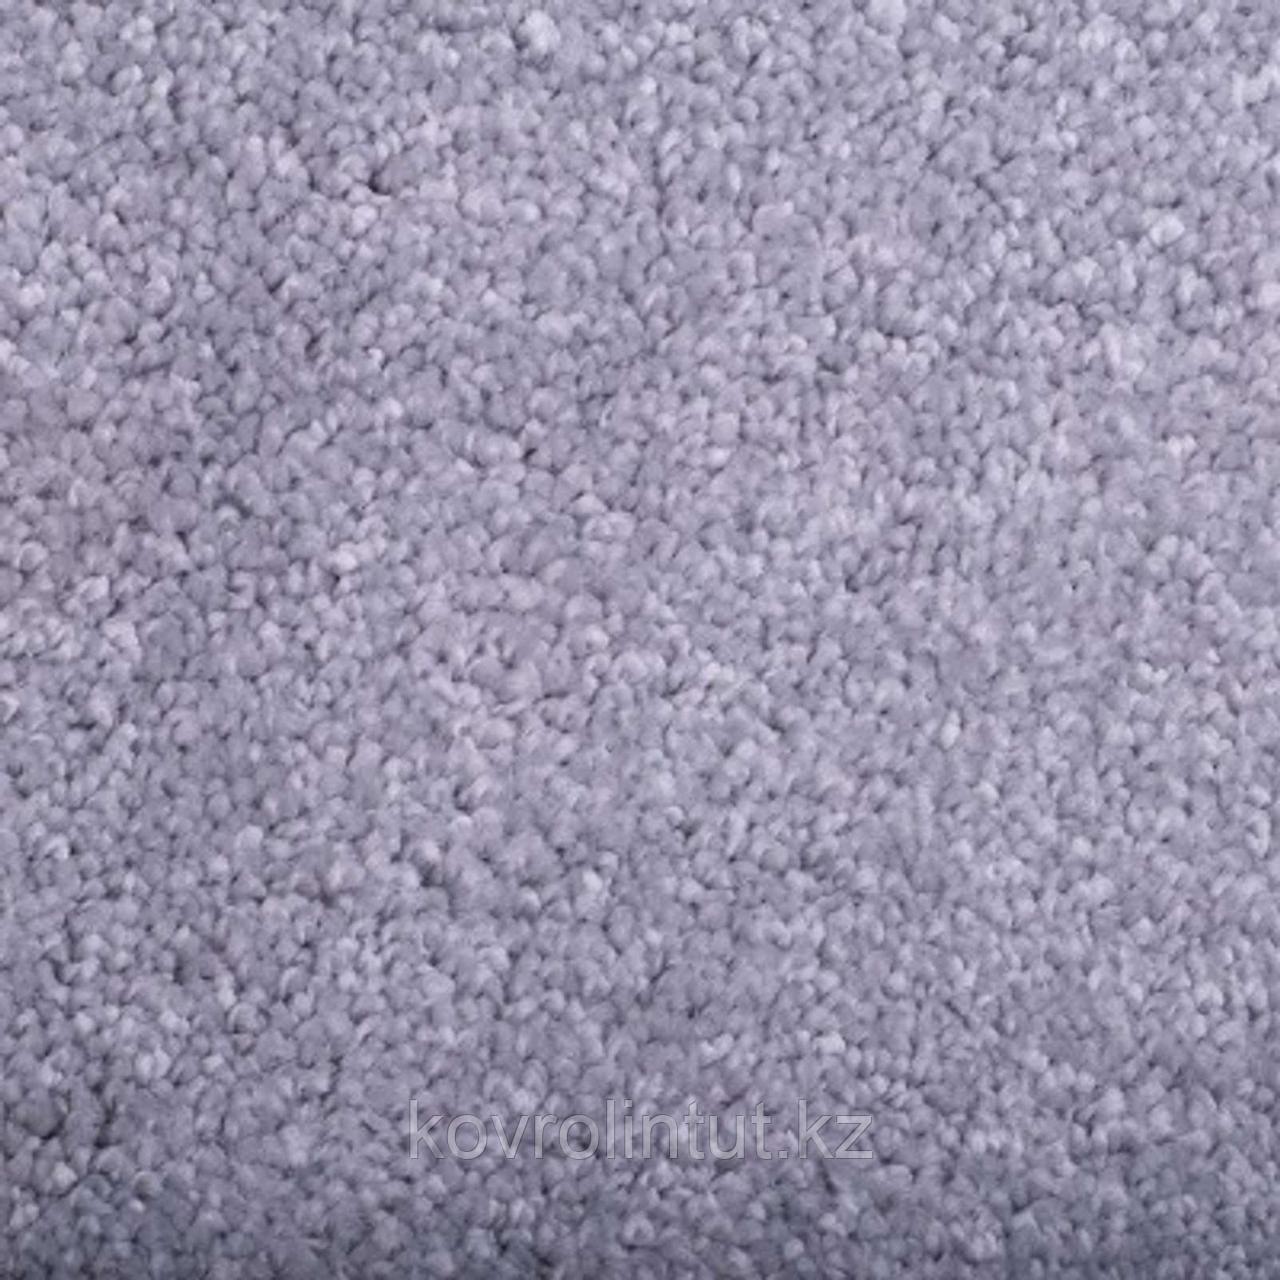 Покрытие ковровое Candy 920, 3 м, 100% PP